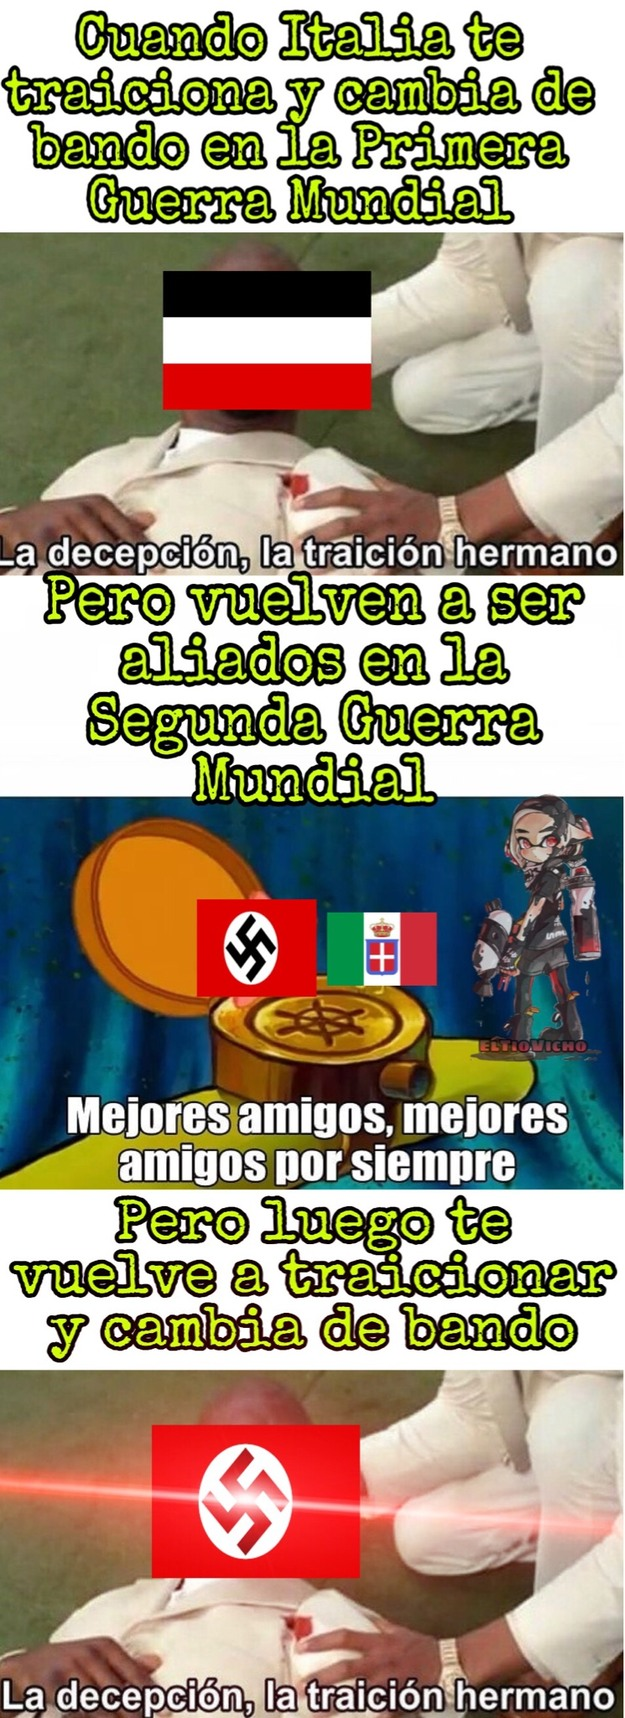 En la tercera guerra mundial también lo va a traicionar :yaomig: - meme